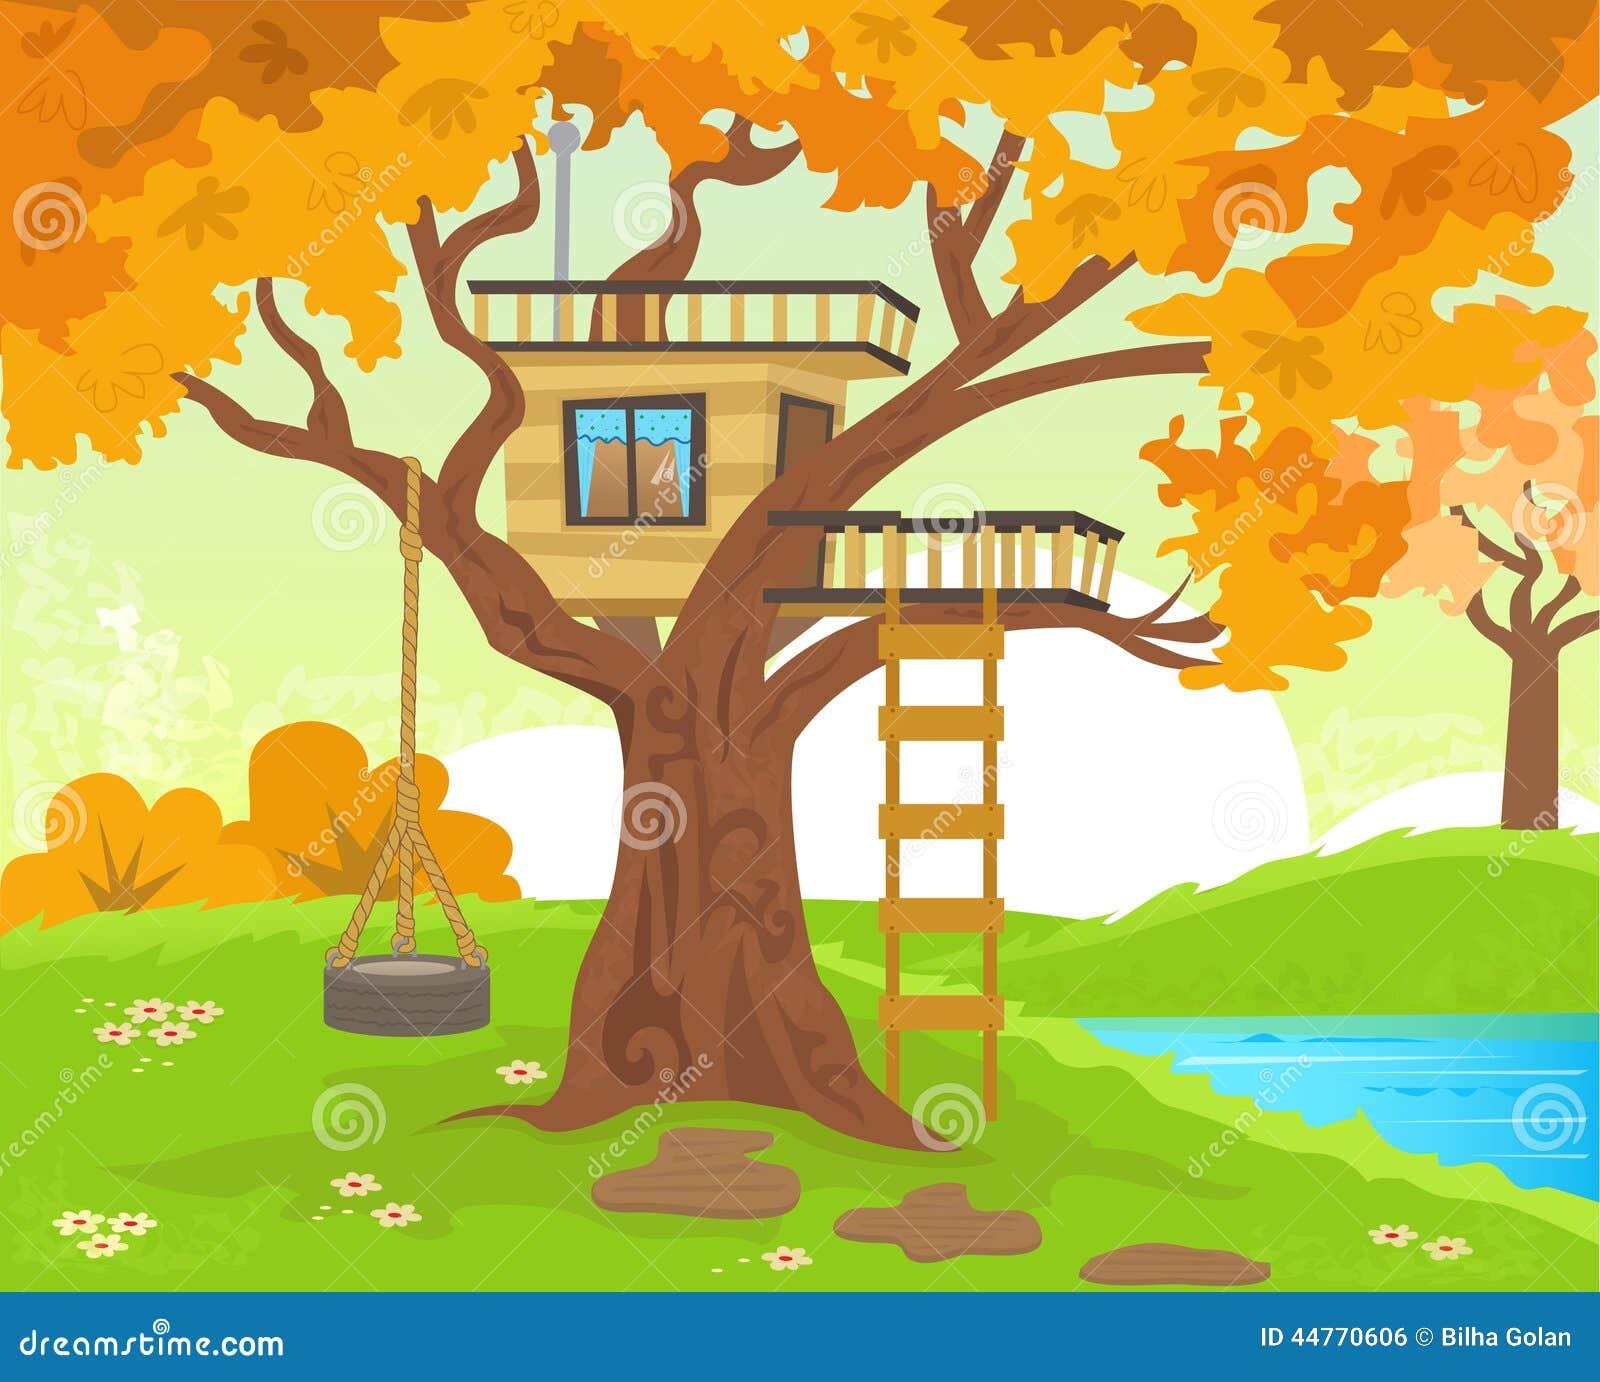 Casa Sull Albero Illustrazione Vettoriale Illustrazione Di